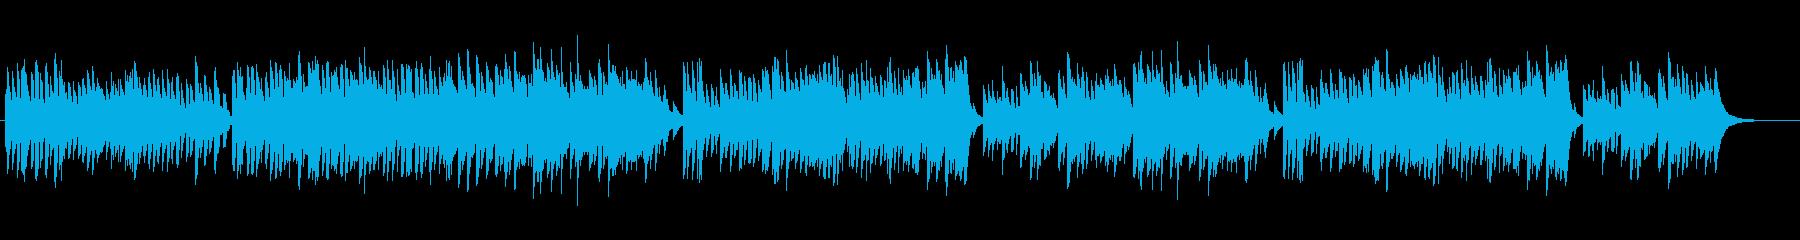 心が落ち着くかわいらしい音楽の再生済みの波形